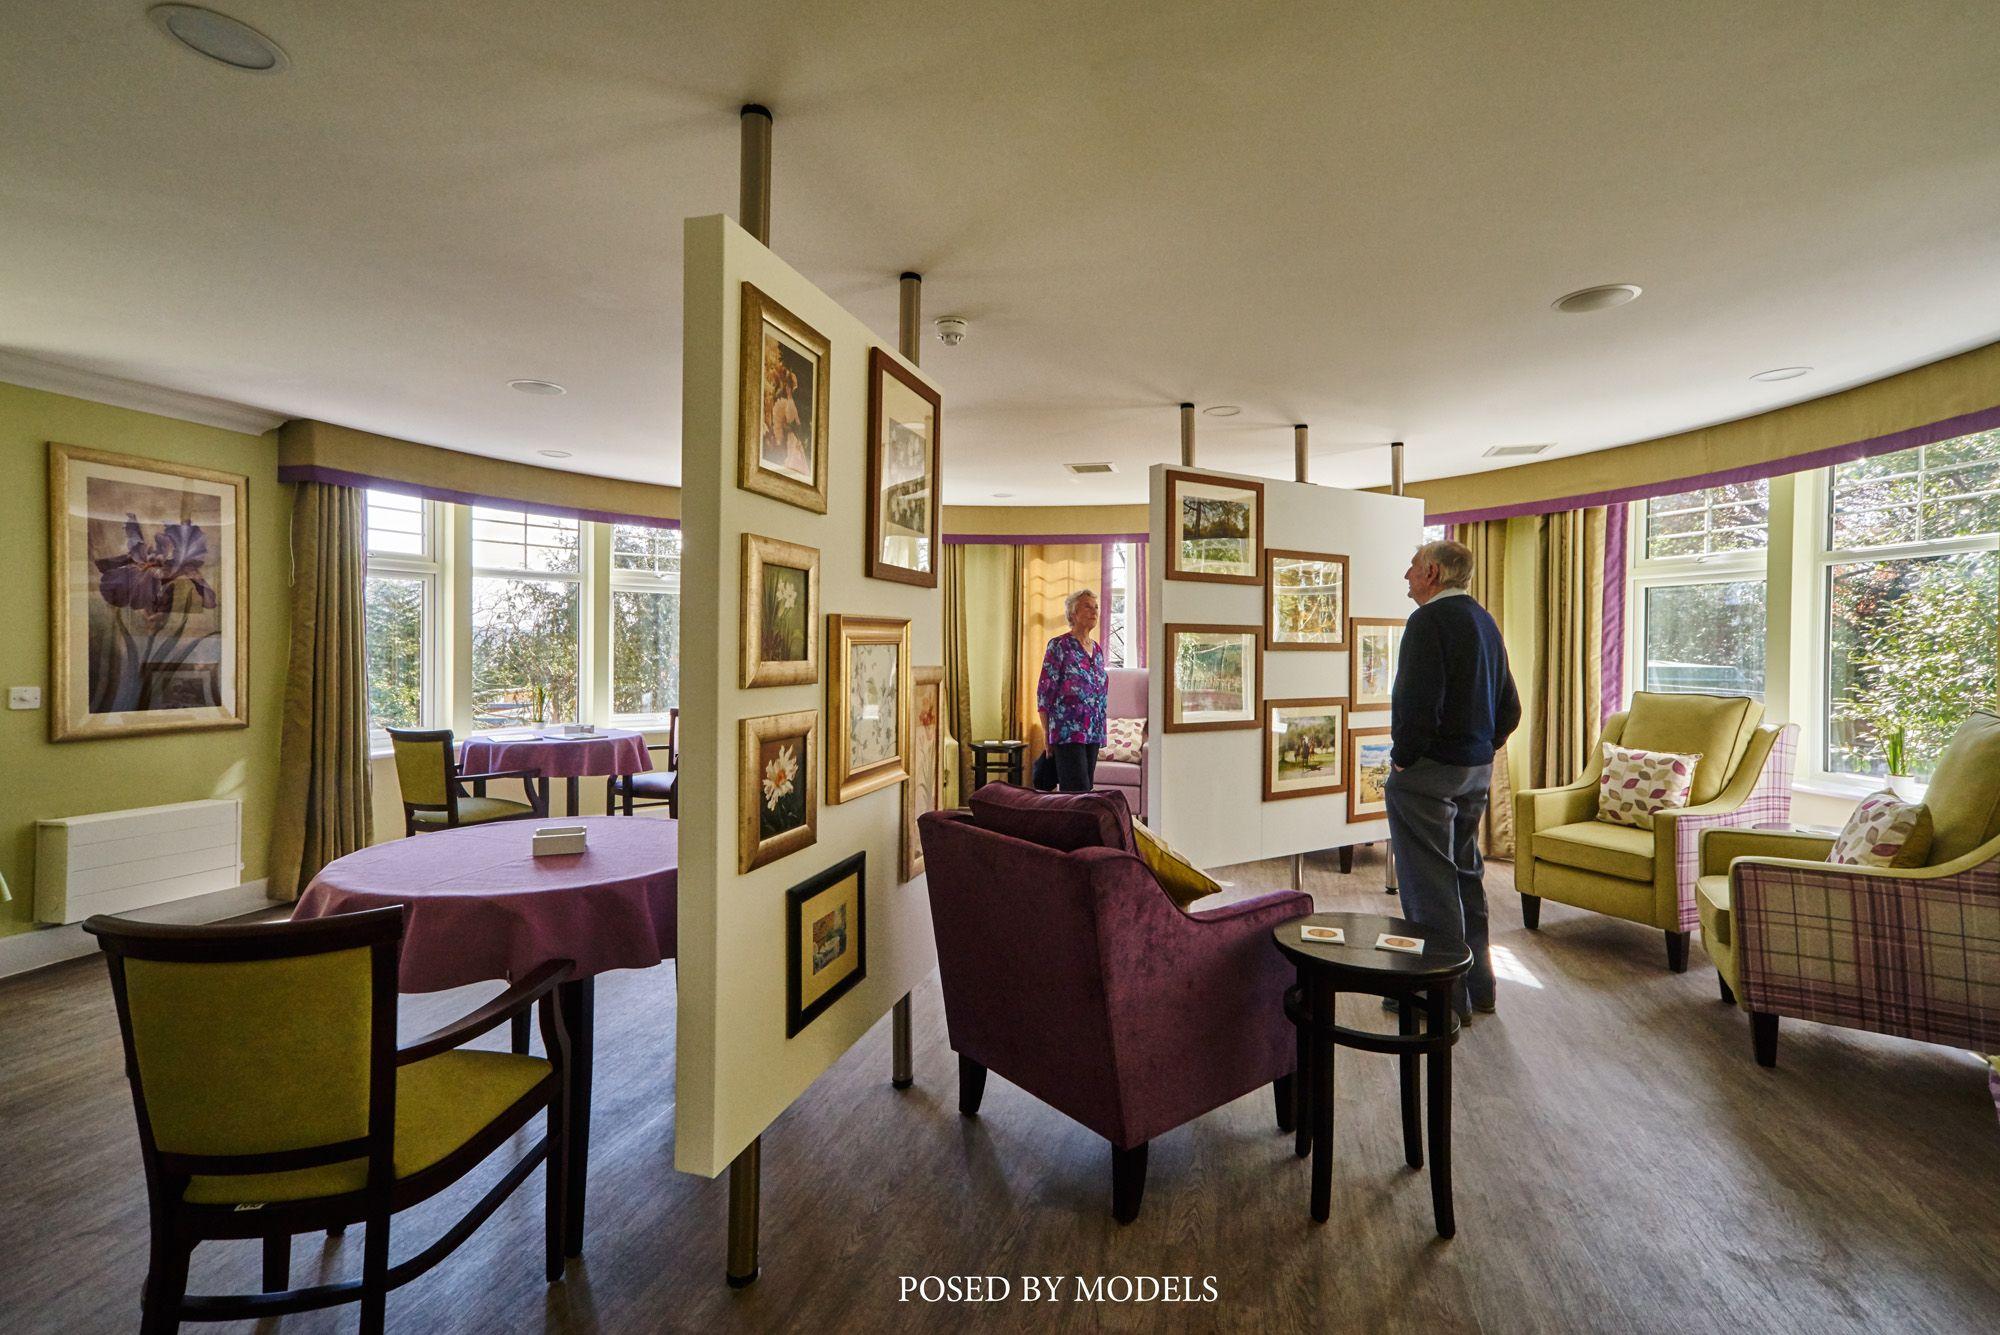 Interiors Interiordesign Design Decorating Inspiremedesign